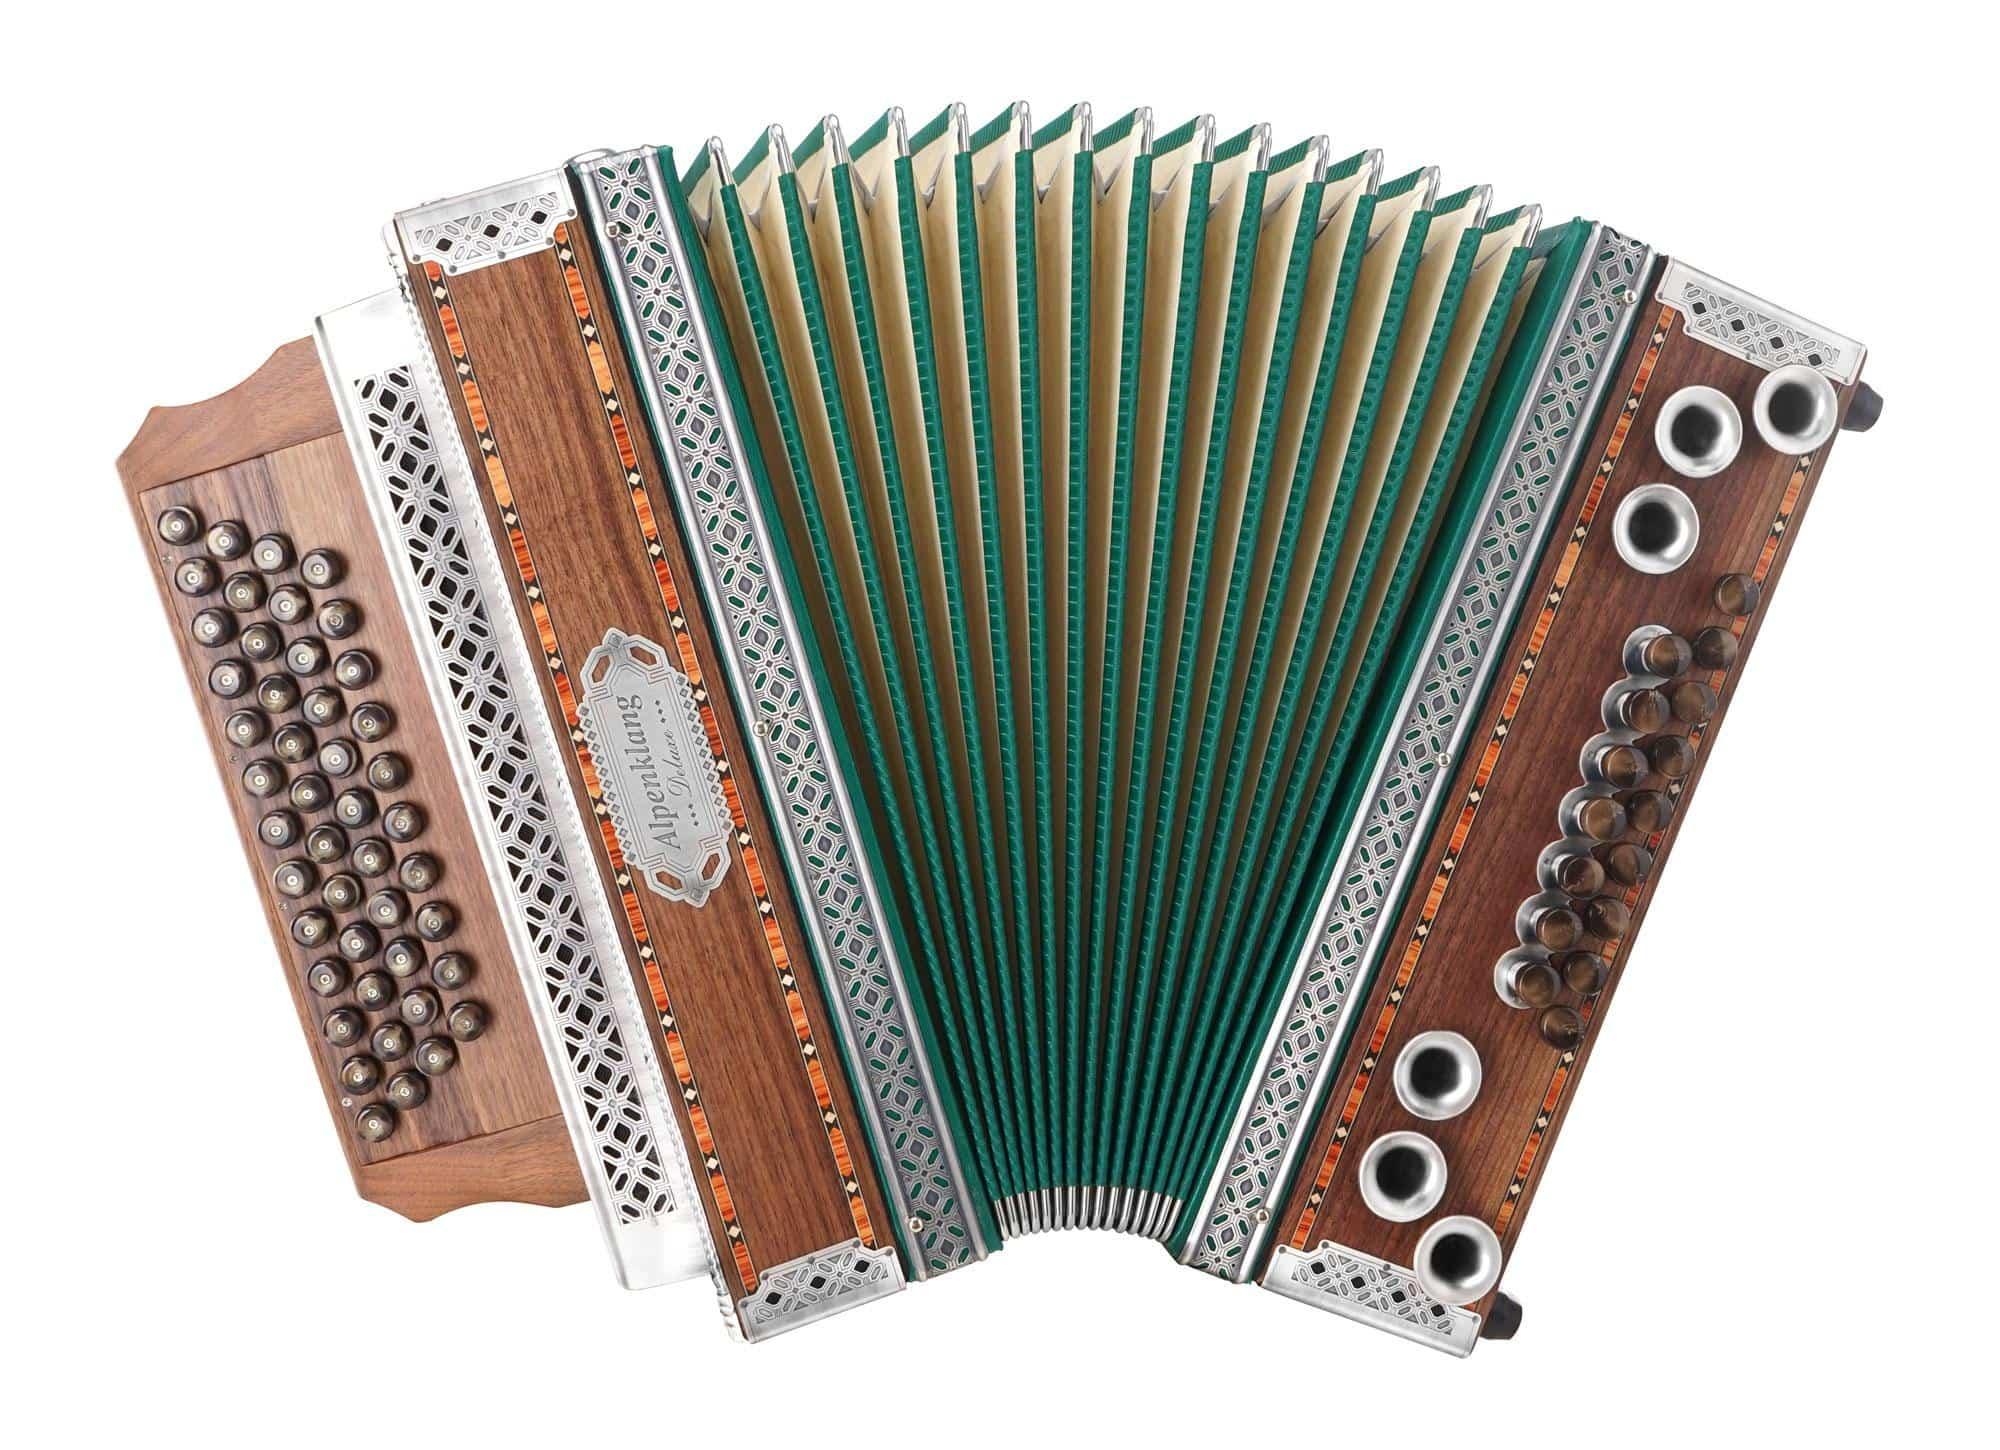 Alpenklang 4|III Harmonika 'Deluxe' G C F B Nuss mit Altsilber Beschlägen